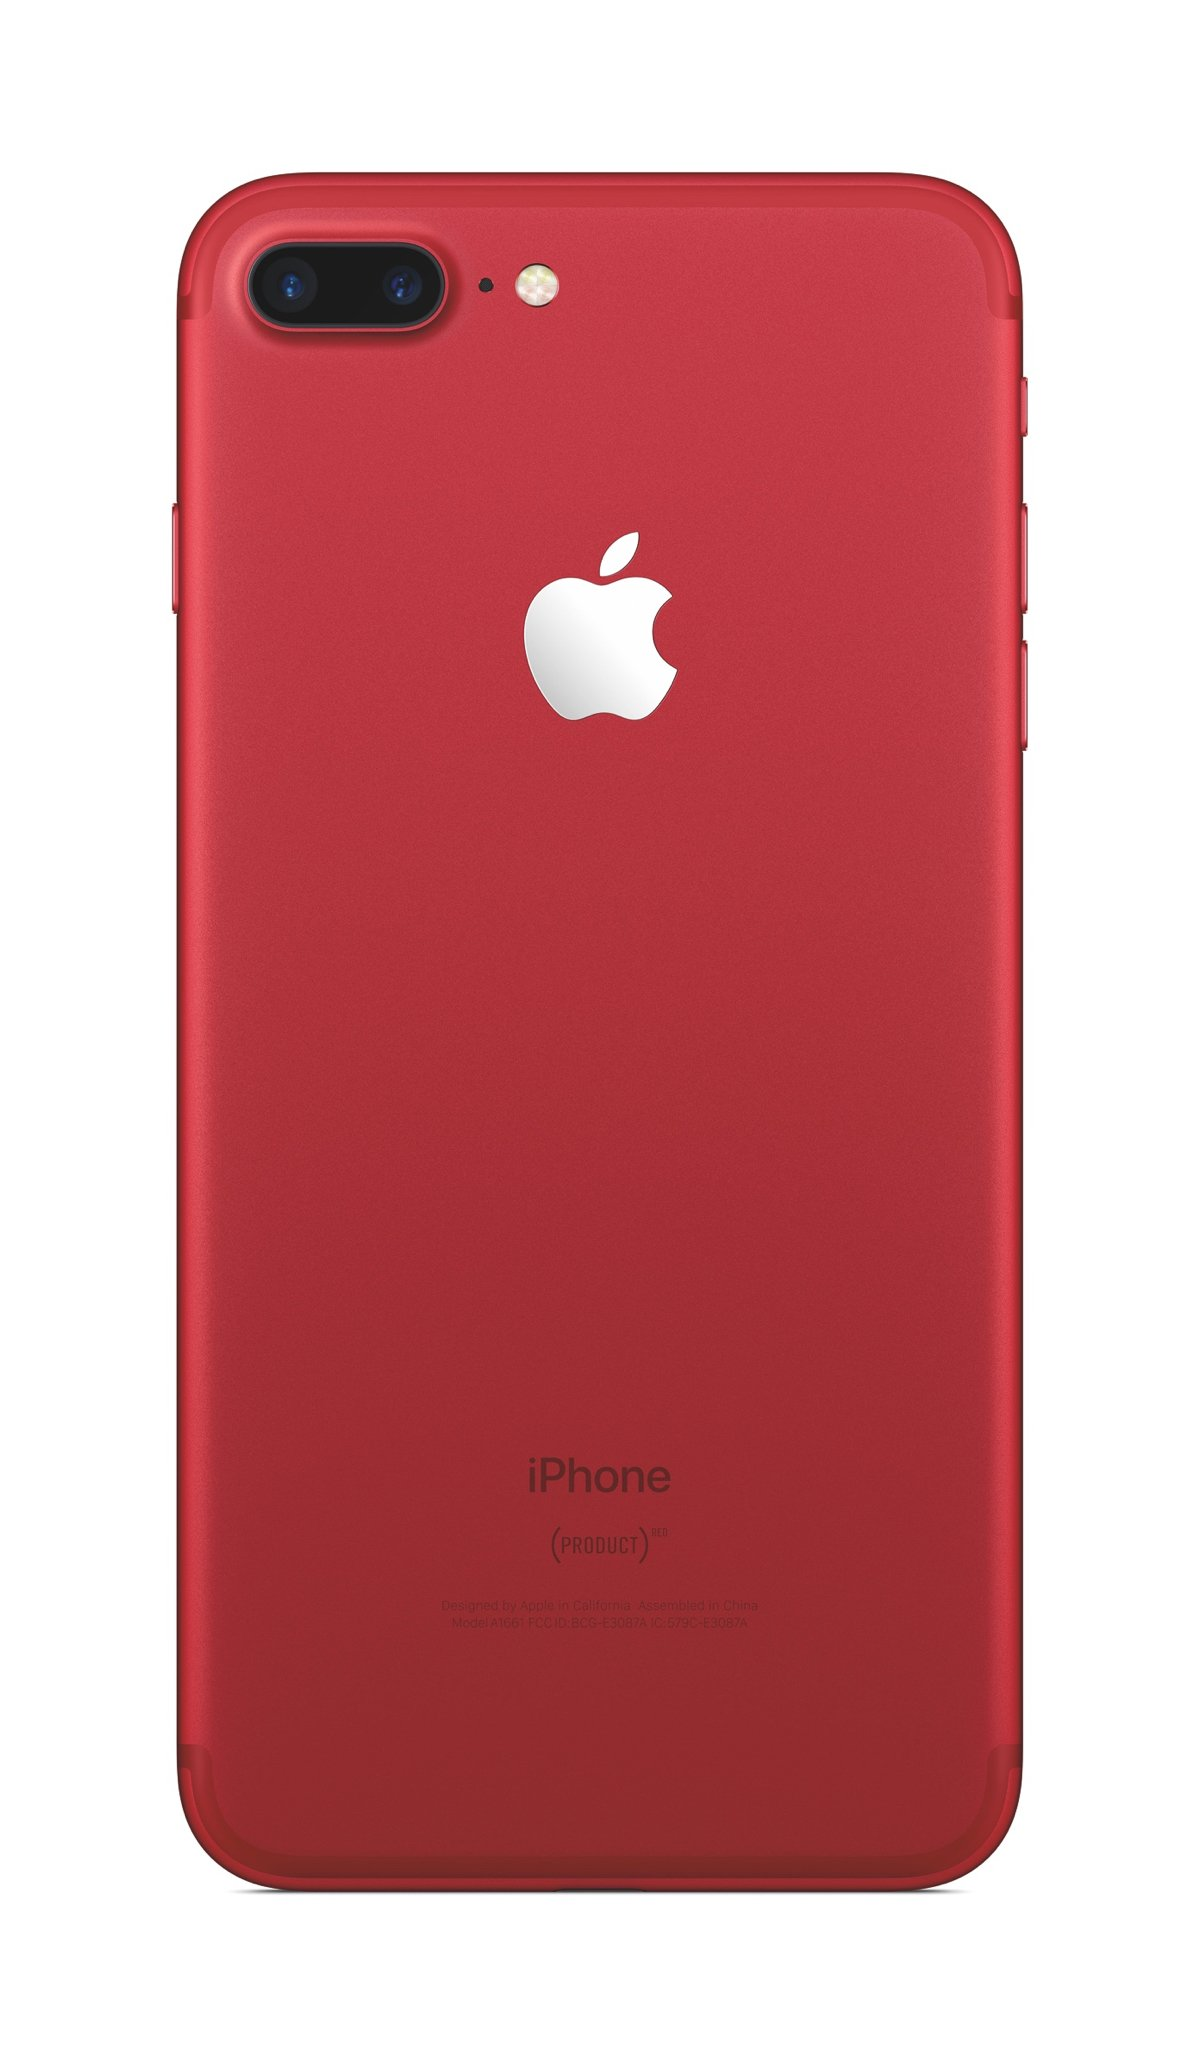 Mặt lưng chiếc iPhone 7/ 7 Plus đỏ có dòng chữ (PRODUCT)RED.